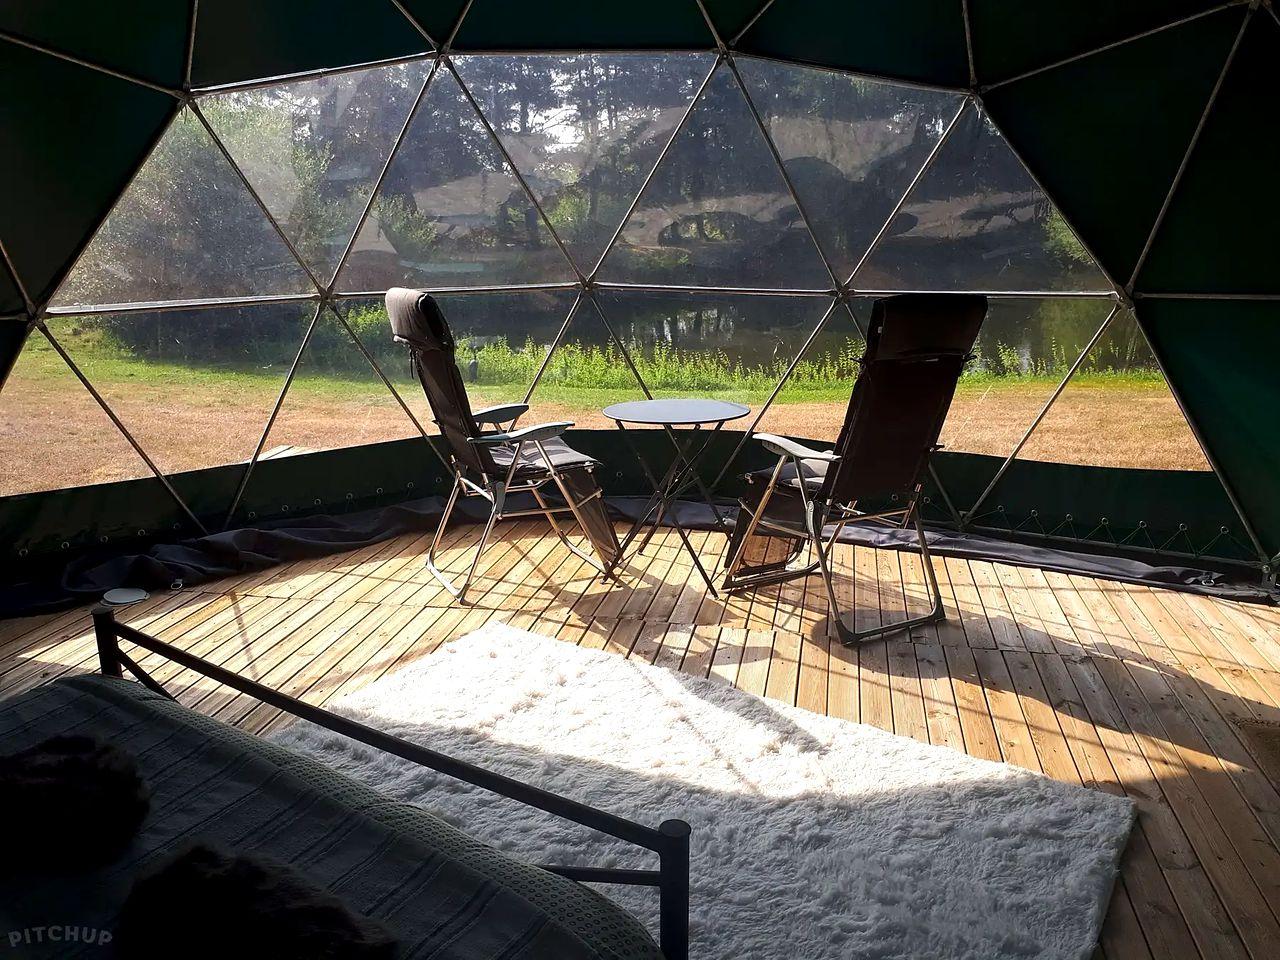 Bubbles & Domes (Aubigné-Racan, Pays de la Loire, France)